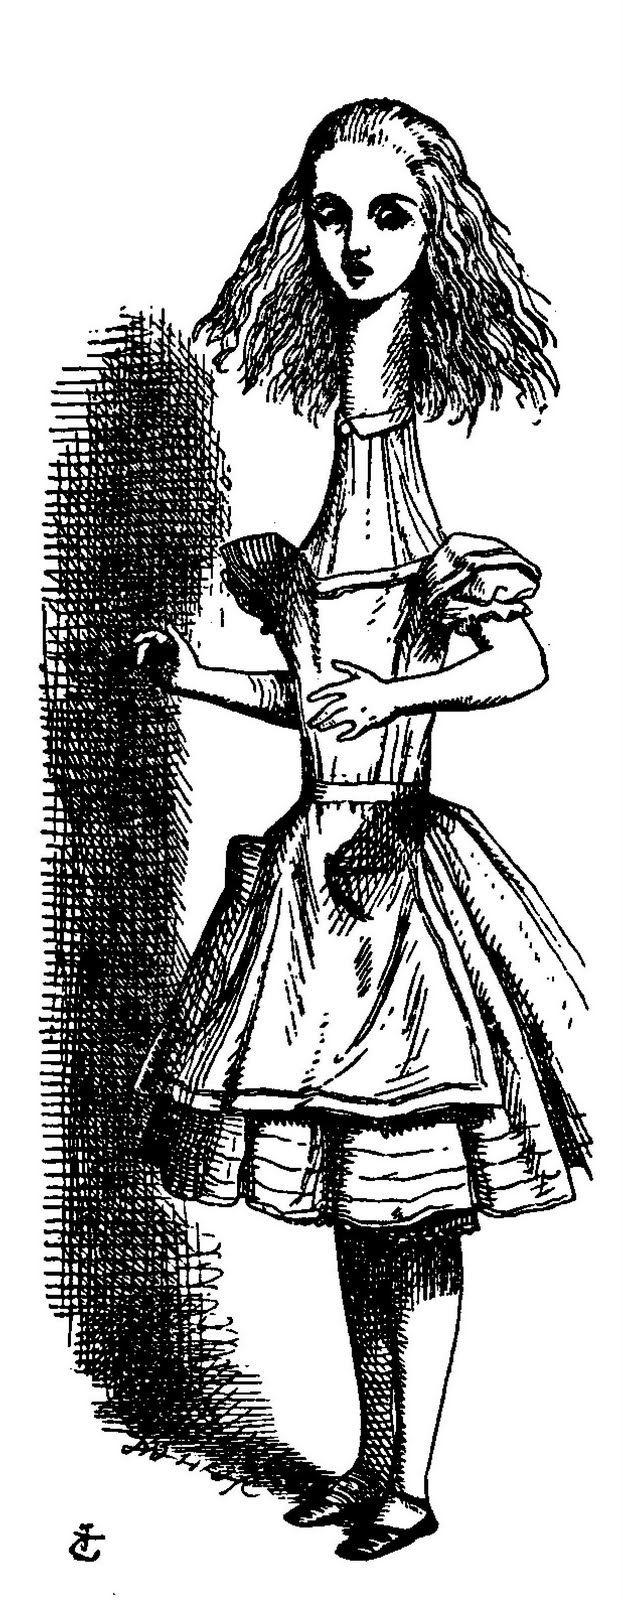 Alice in Wonderland novel | ... Ephemera: Book illustration, 'Alice grows,' Alice in wonderland, 1865